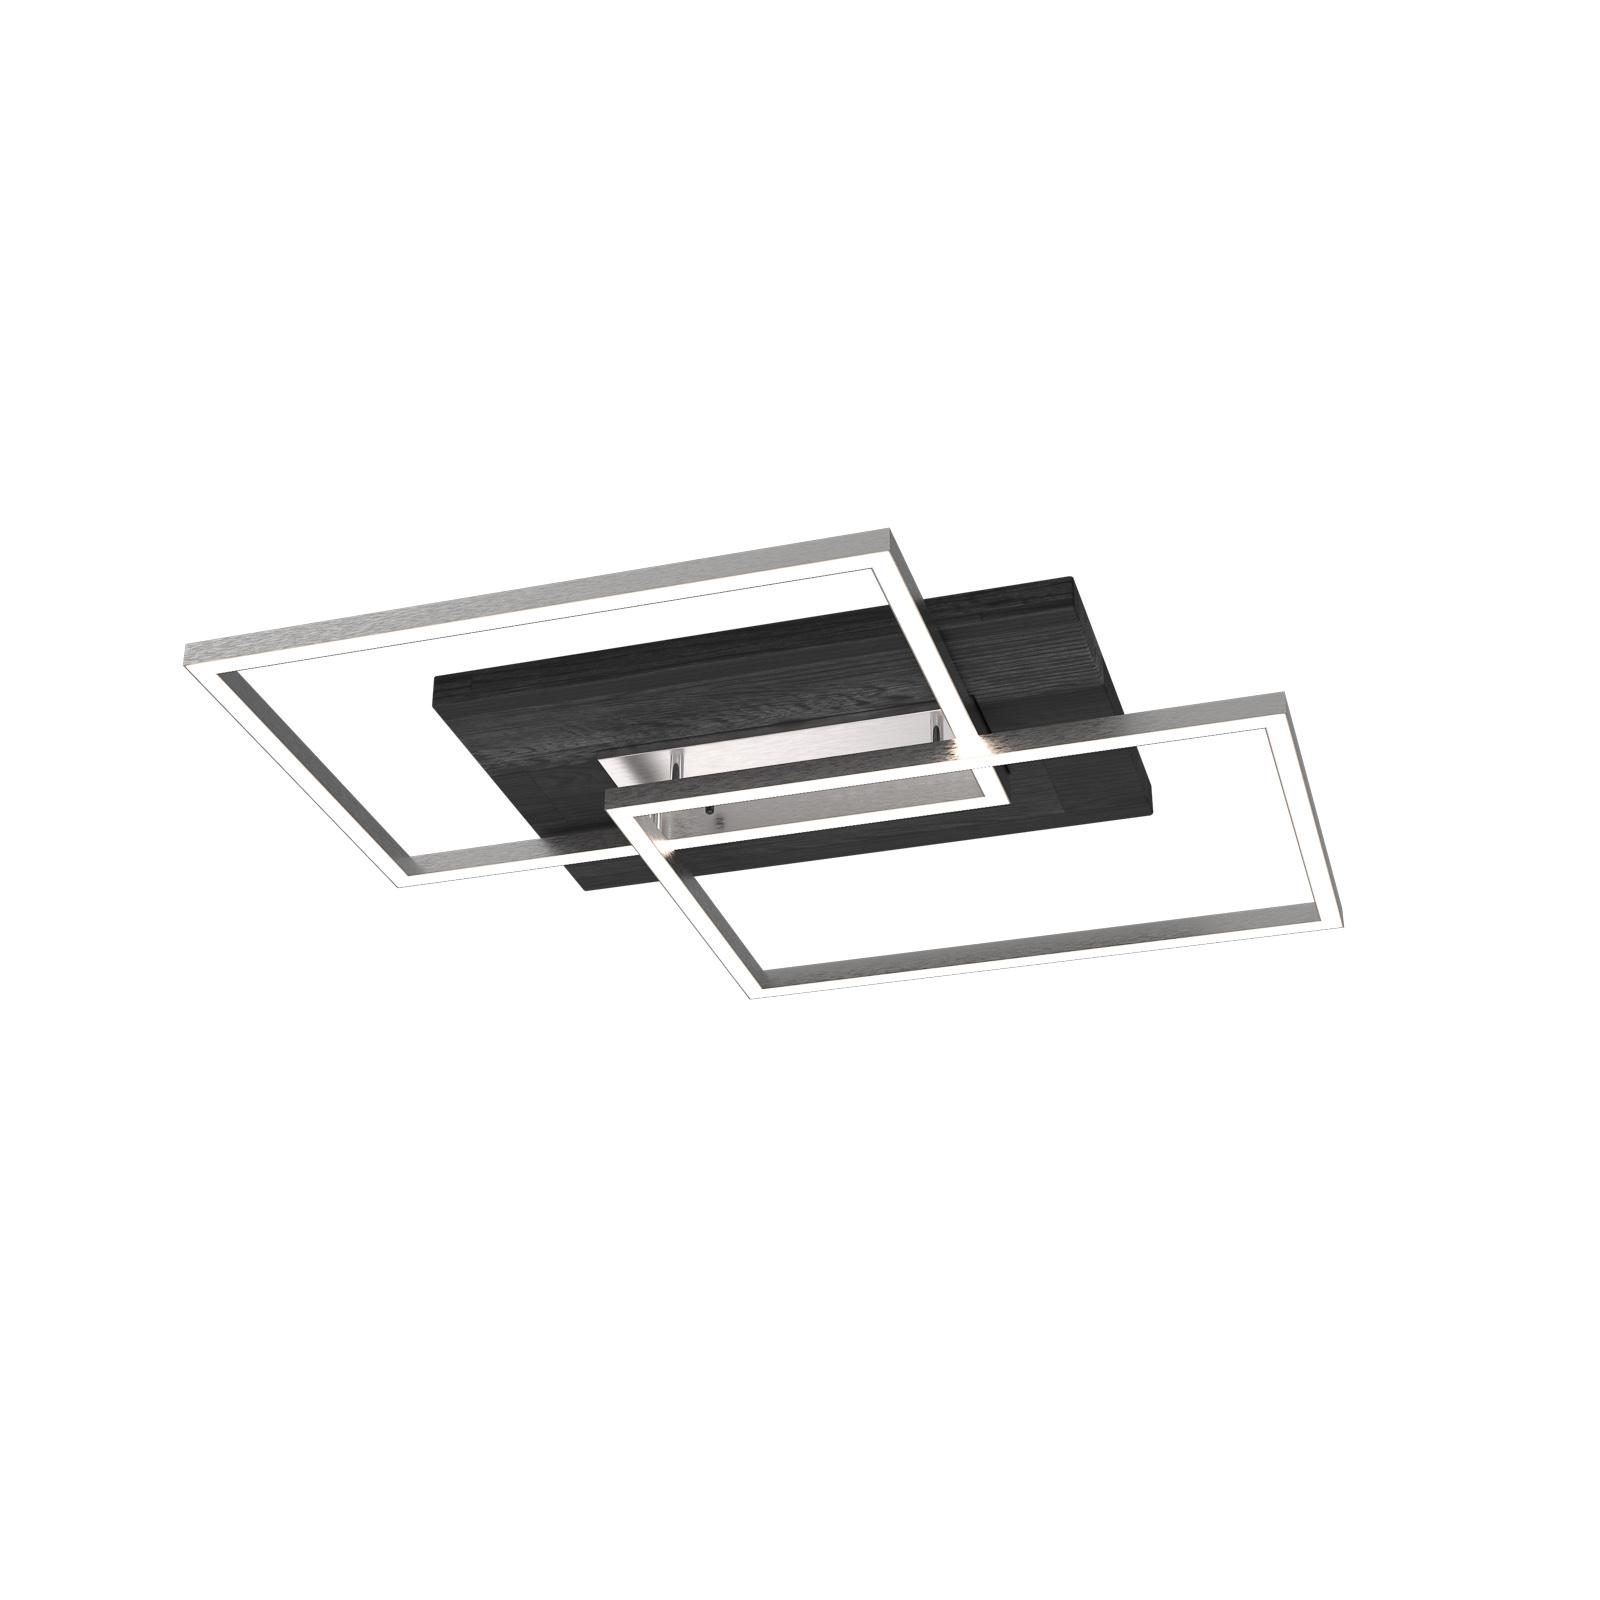 Lampa sufitowa LED Panama S, dąb czarny